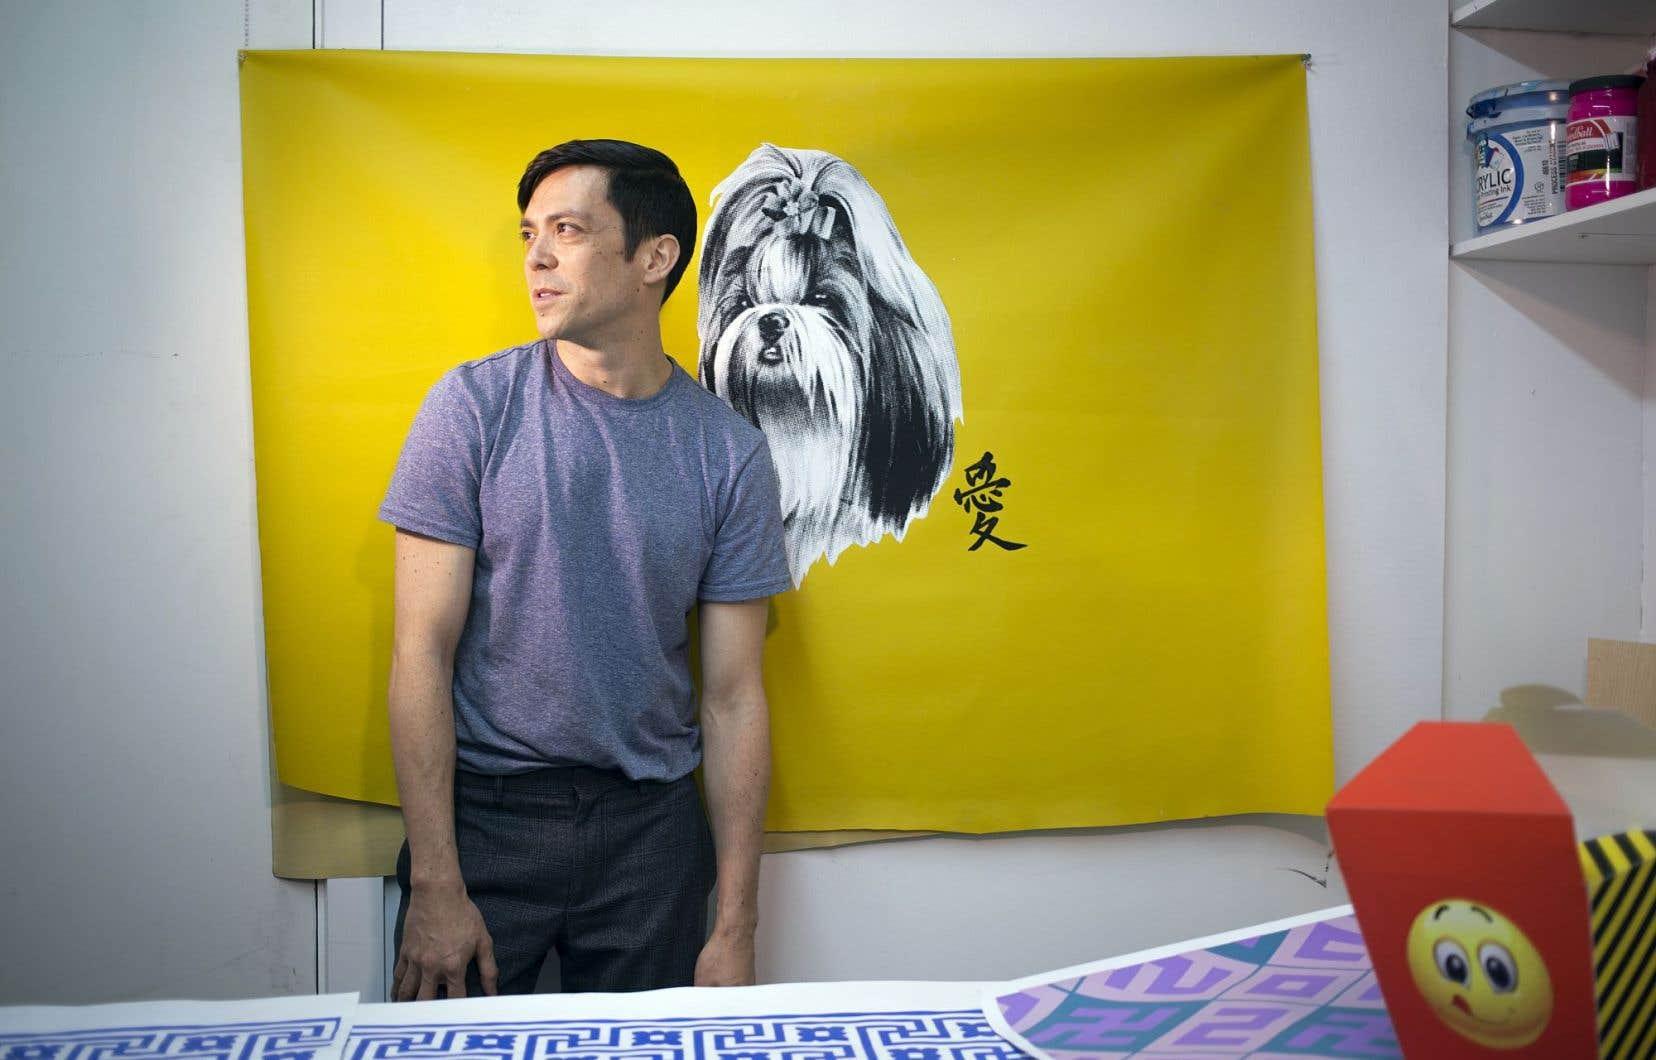 Pour Andrew Tay, le fait de toucher à la question de l'identité culturelle revient à s'aventurer sur un terrain inconnu et hasardeux.